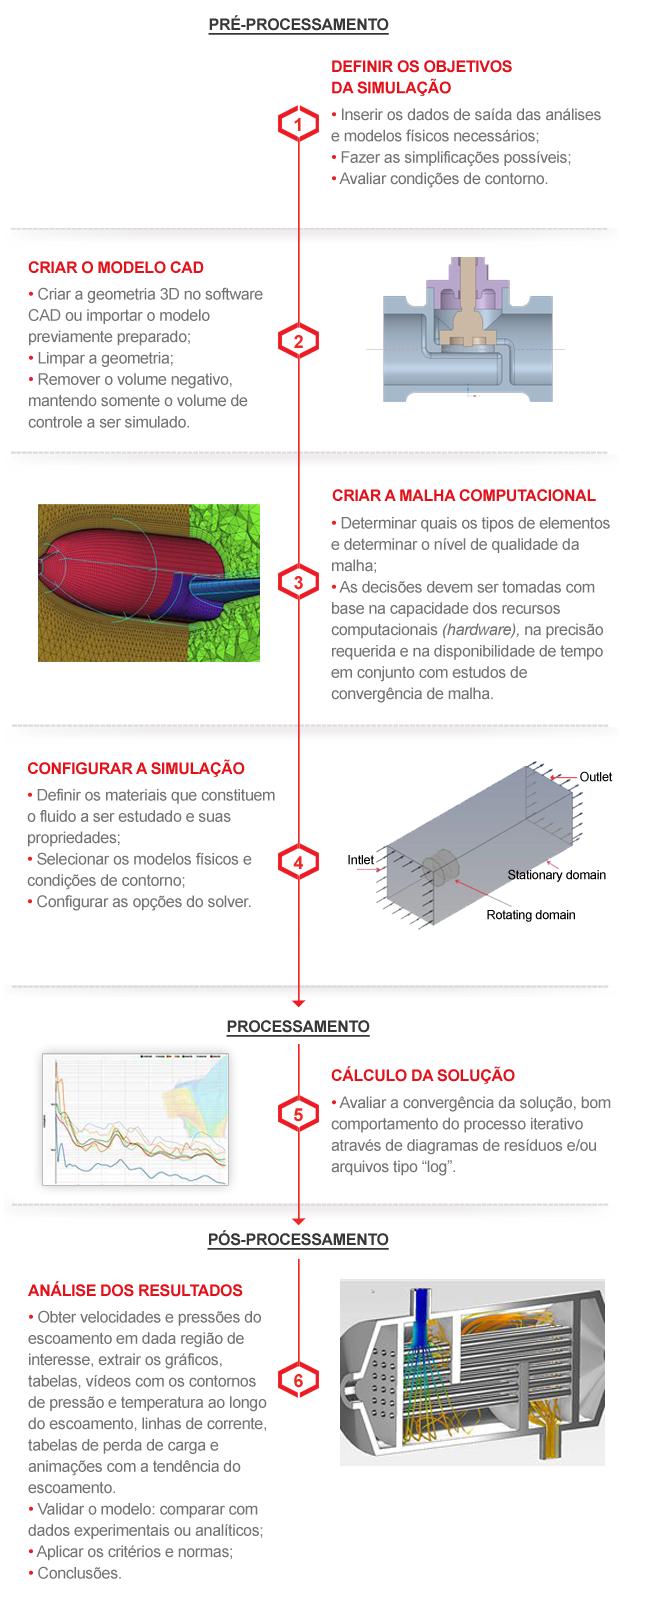 Processo de Simulação Fluidodinâmica (CFD)